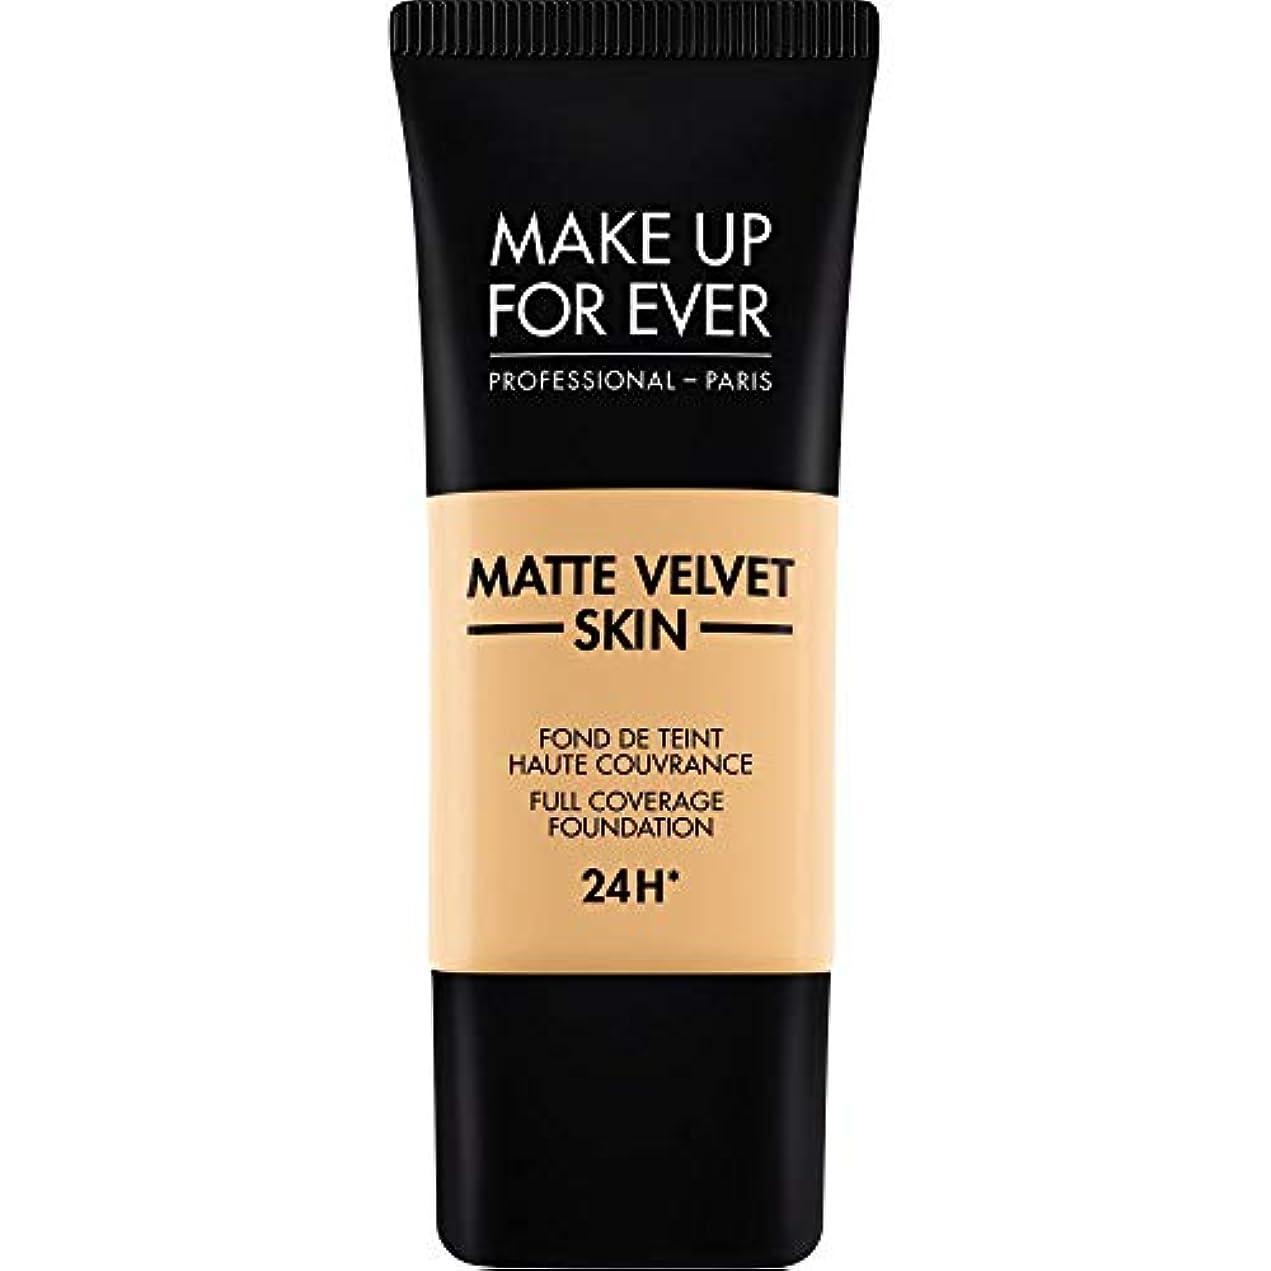 鳥メディア作ります[MAKE UP FOR EVER ] 柔らかい砂 - これまでマットベルベットの皮膚のフルカバレッジ基礎30ミリリットルのY245を補います - MAKE UP FOR EVER Matte Velvet Skin Full...